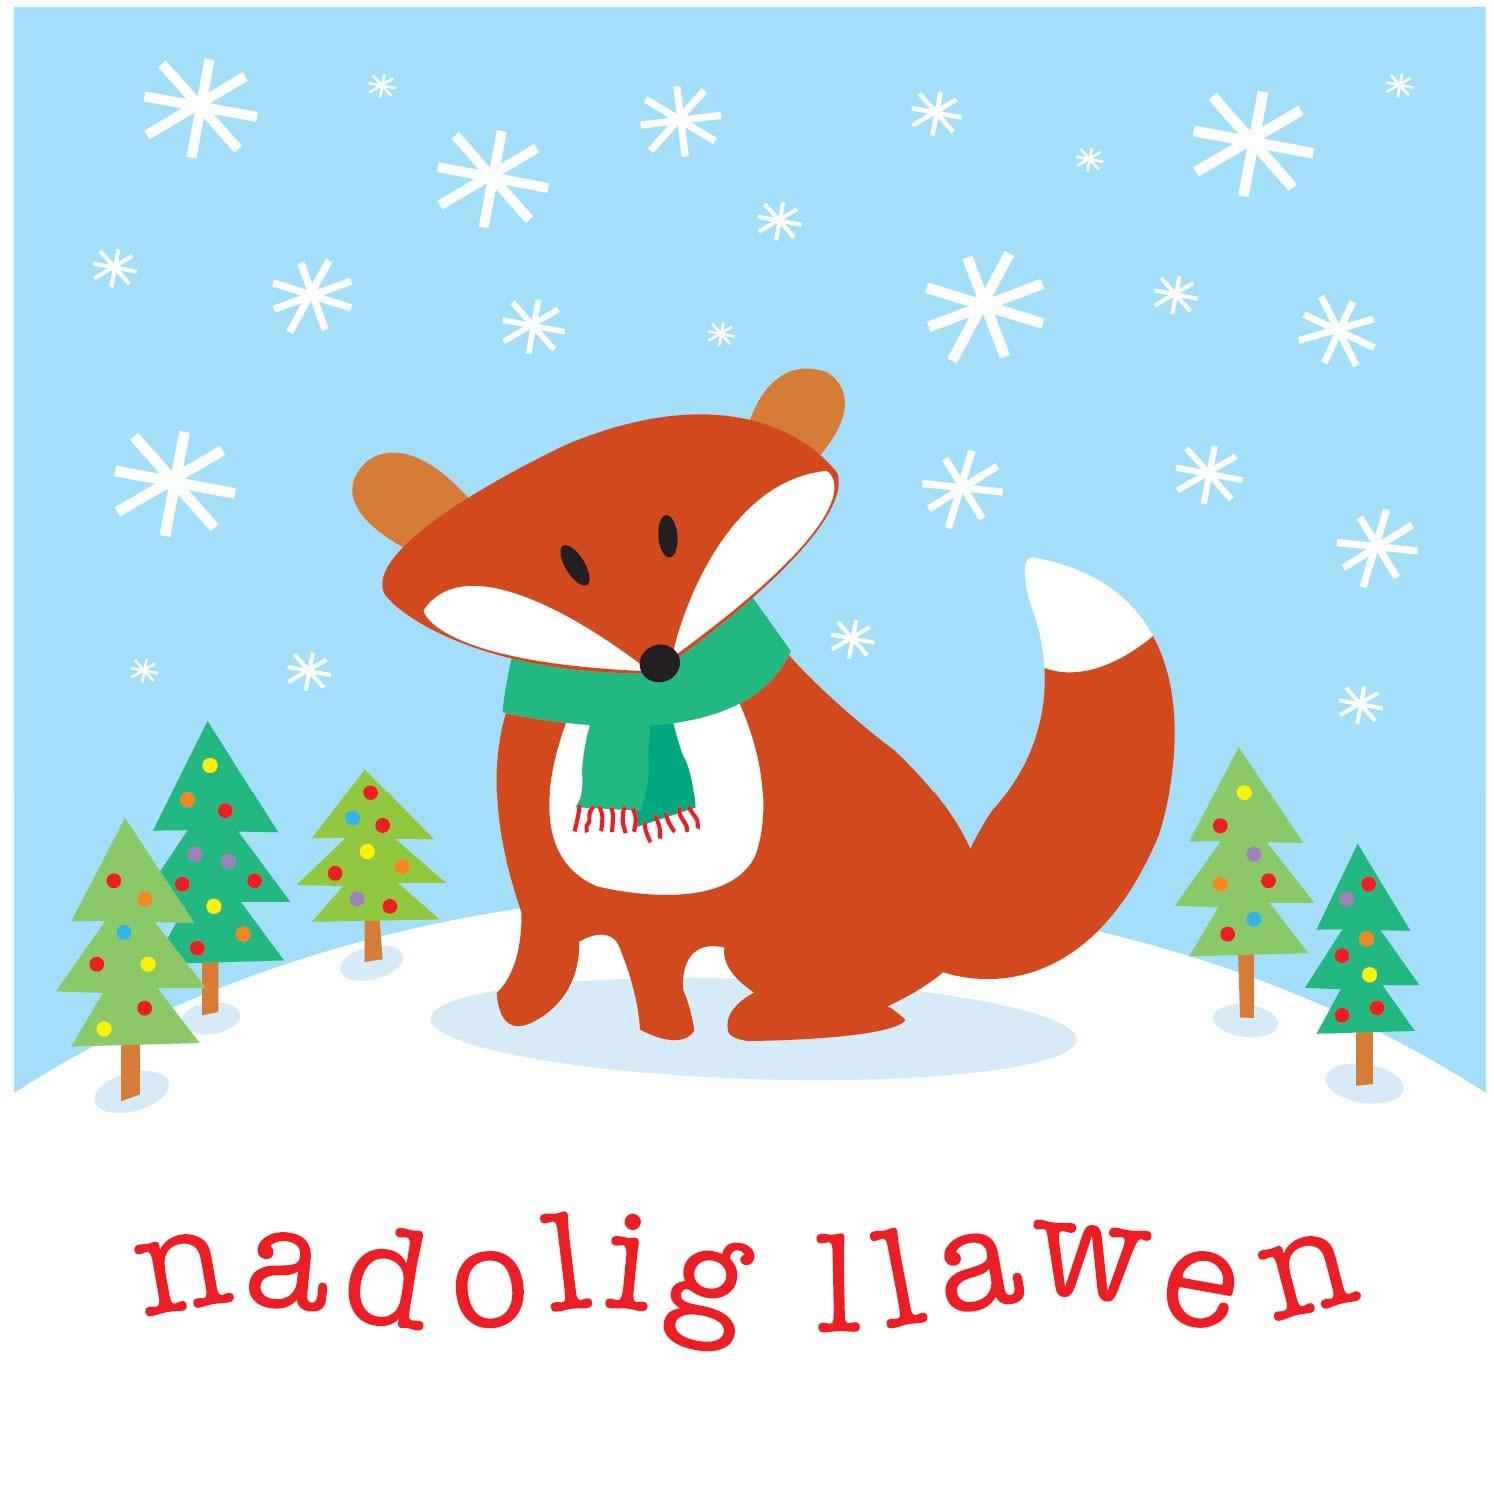 babipur-nadolig-llawen-card-fox